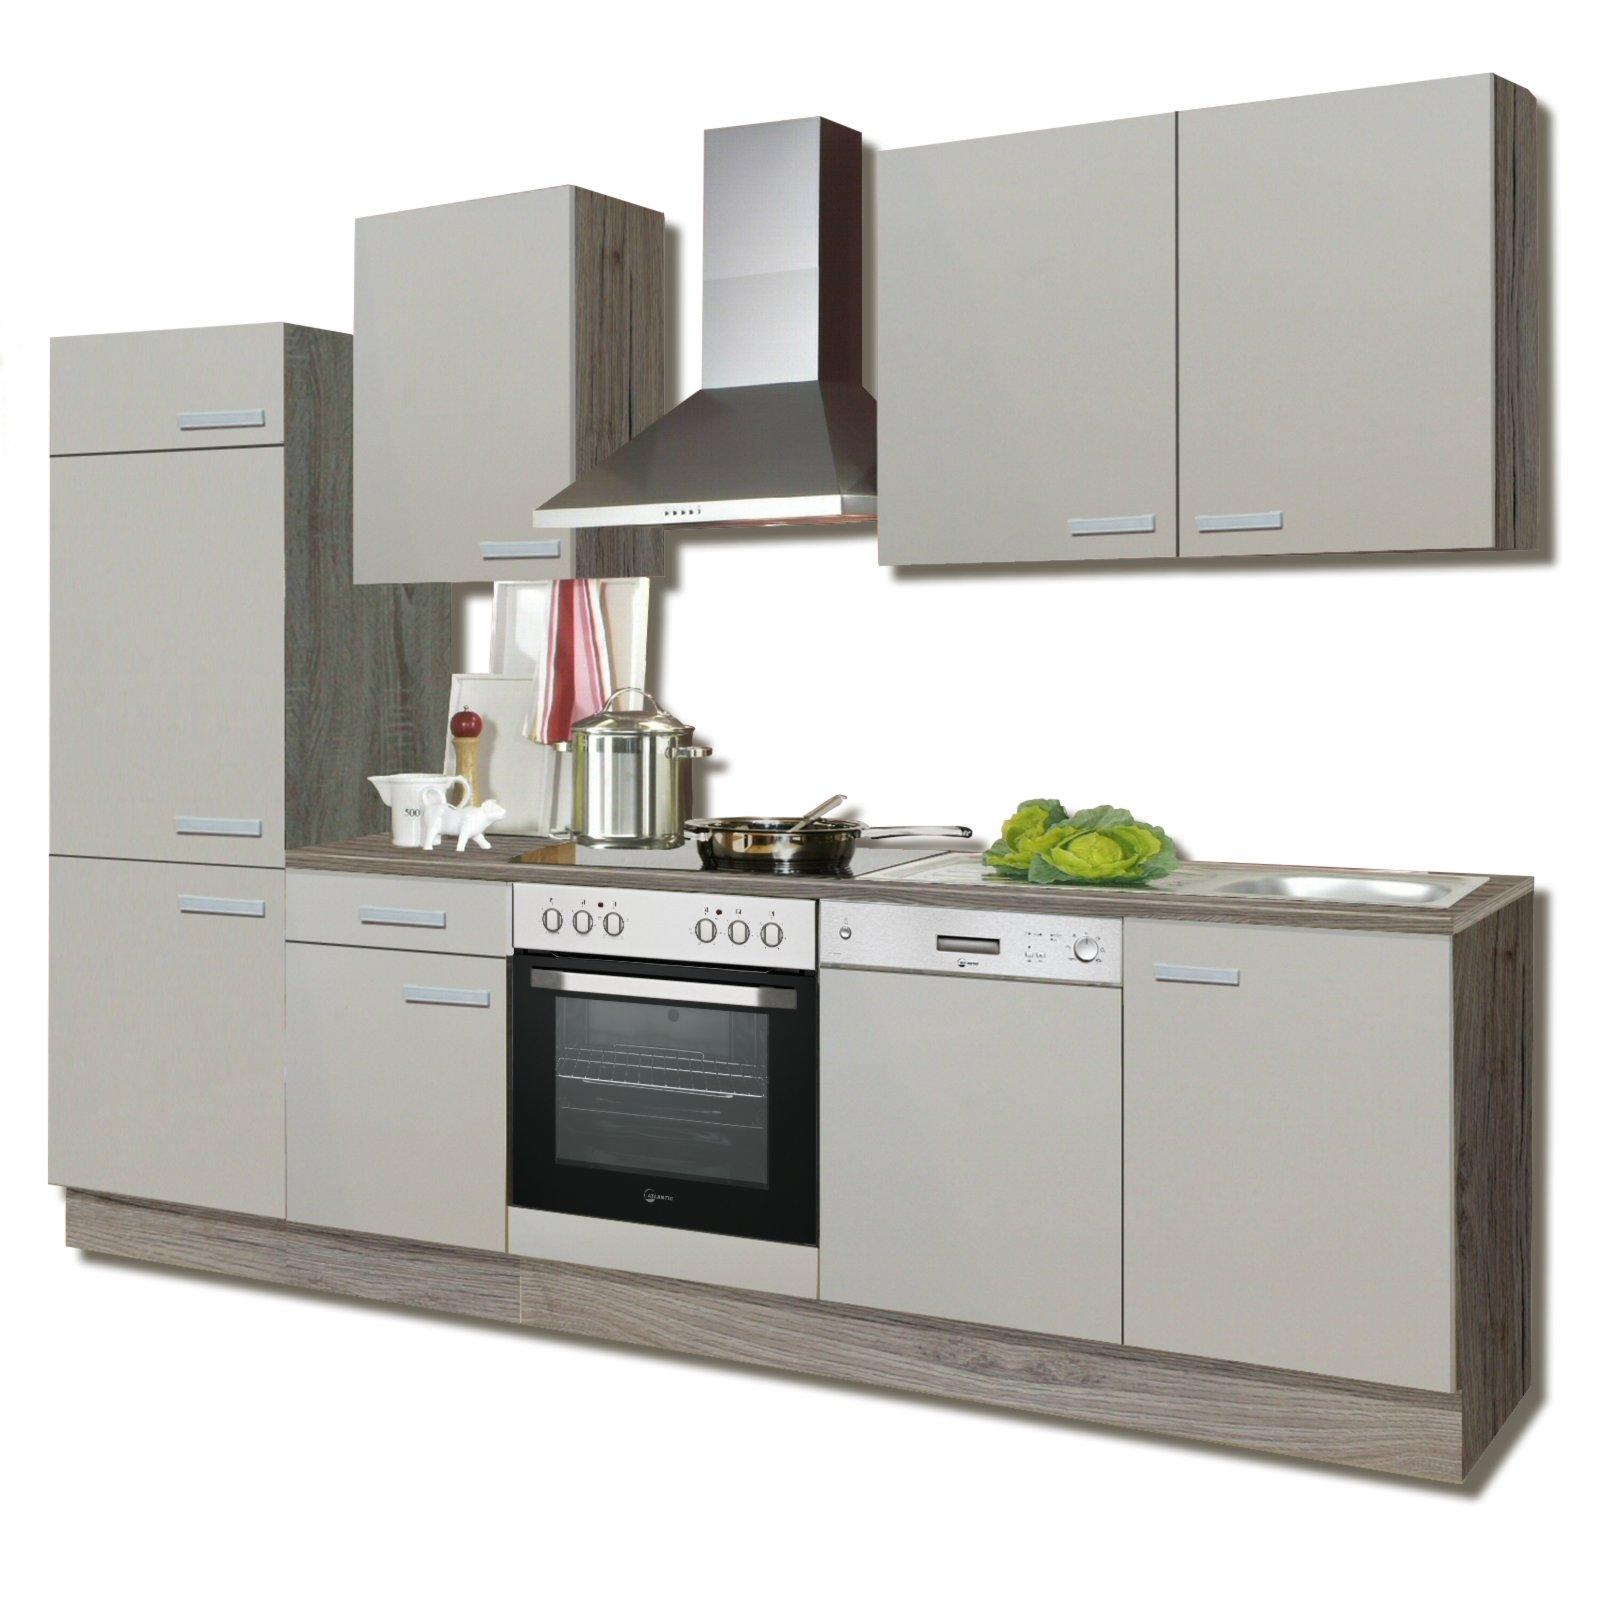 Nett Benutzerdefinierte Küchenschränke Online Bestellung ...